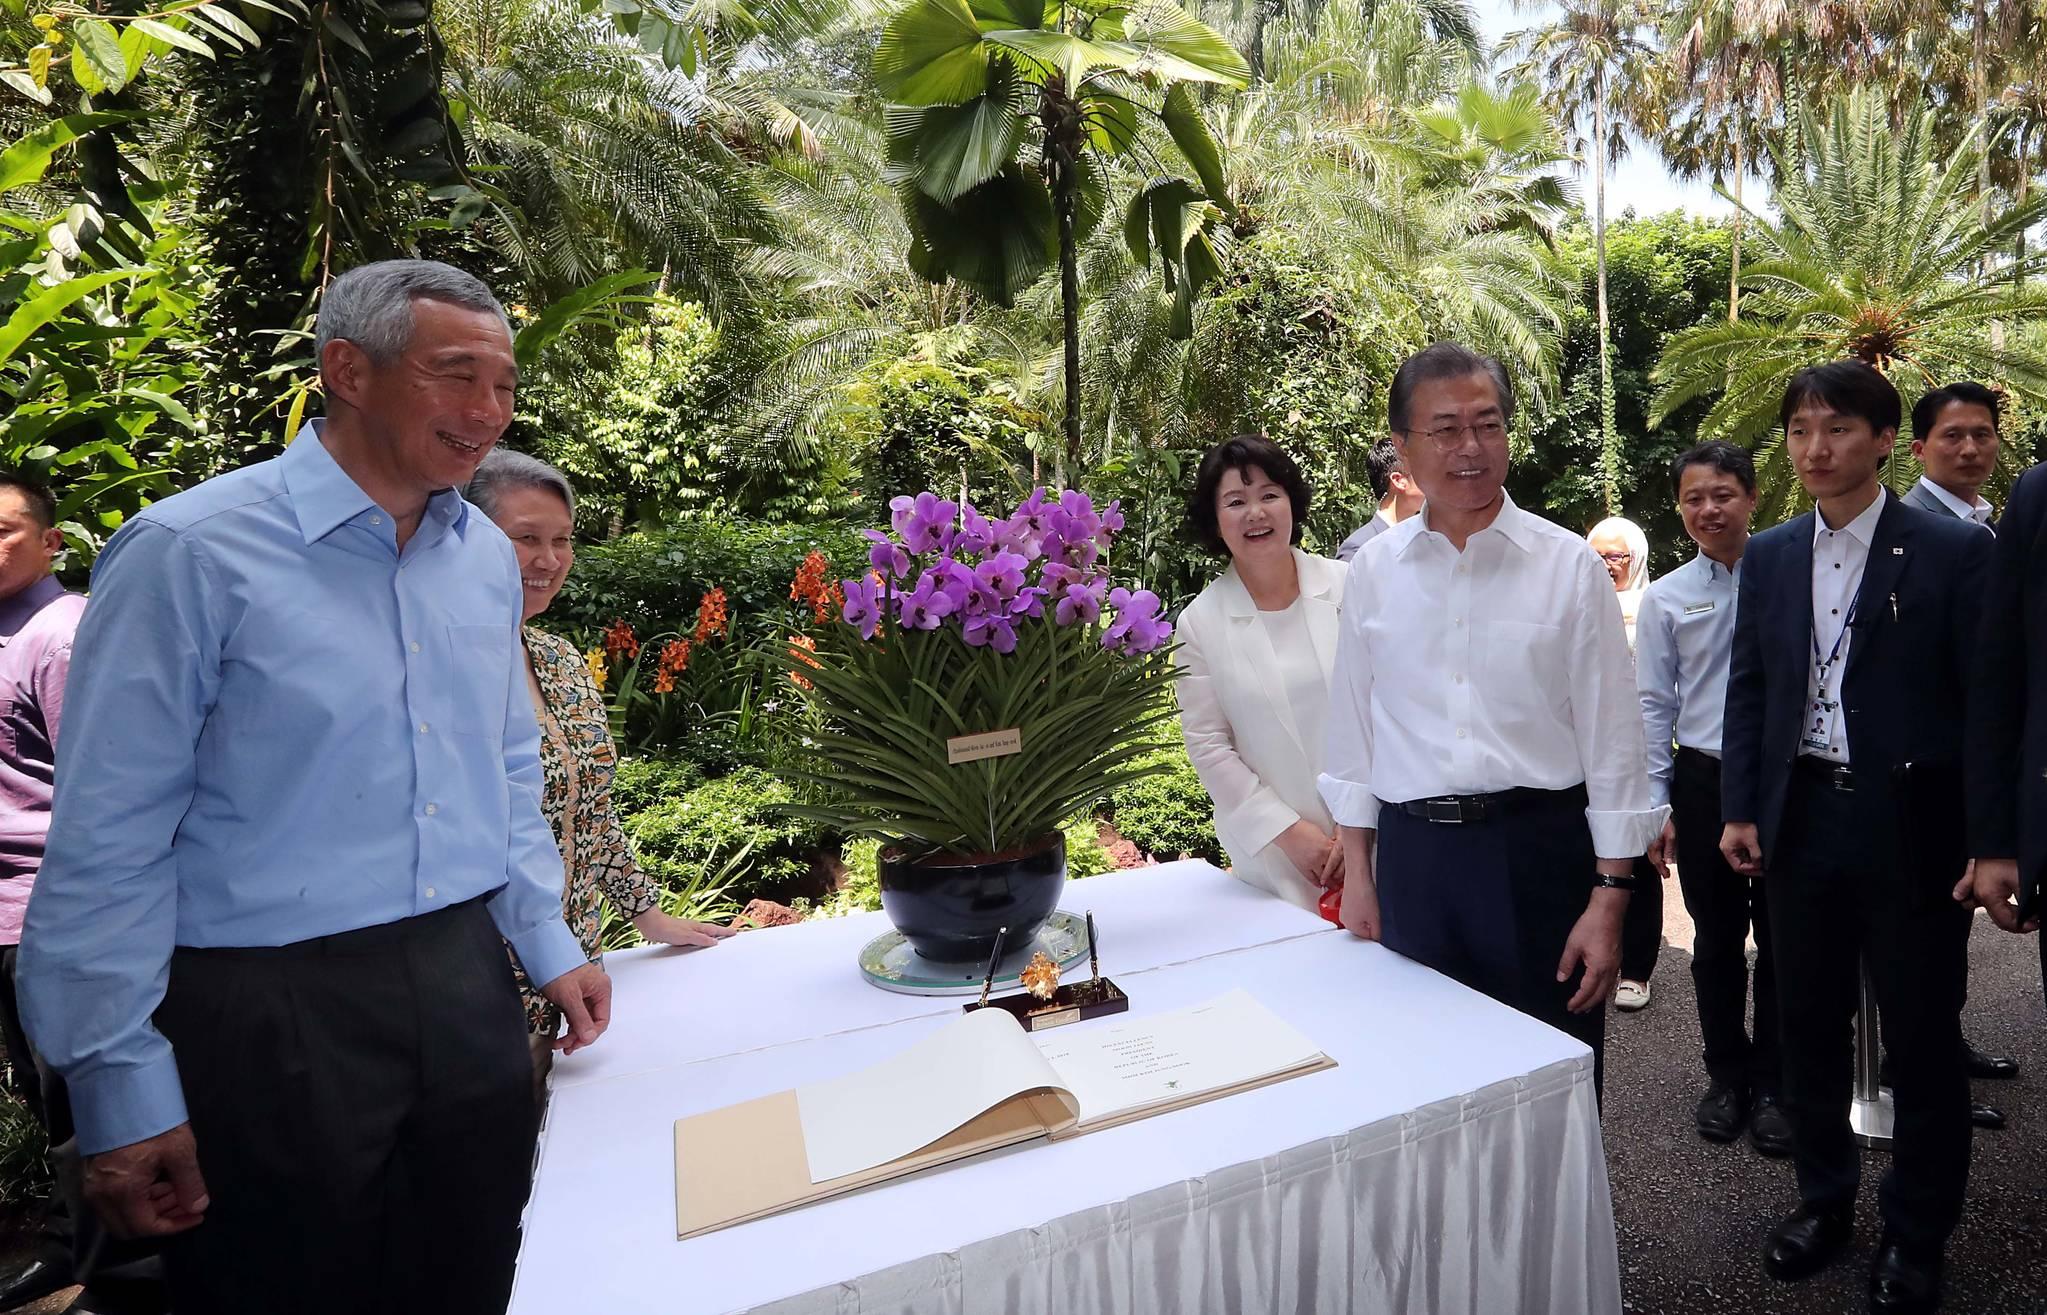 난초명명식에서 이름표를 꽂은 뒤 기념촬영을 하고 있는 문 대통령 부부. 왼쪽은 리셴룽 총리. 김상선 기자